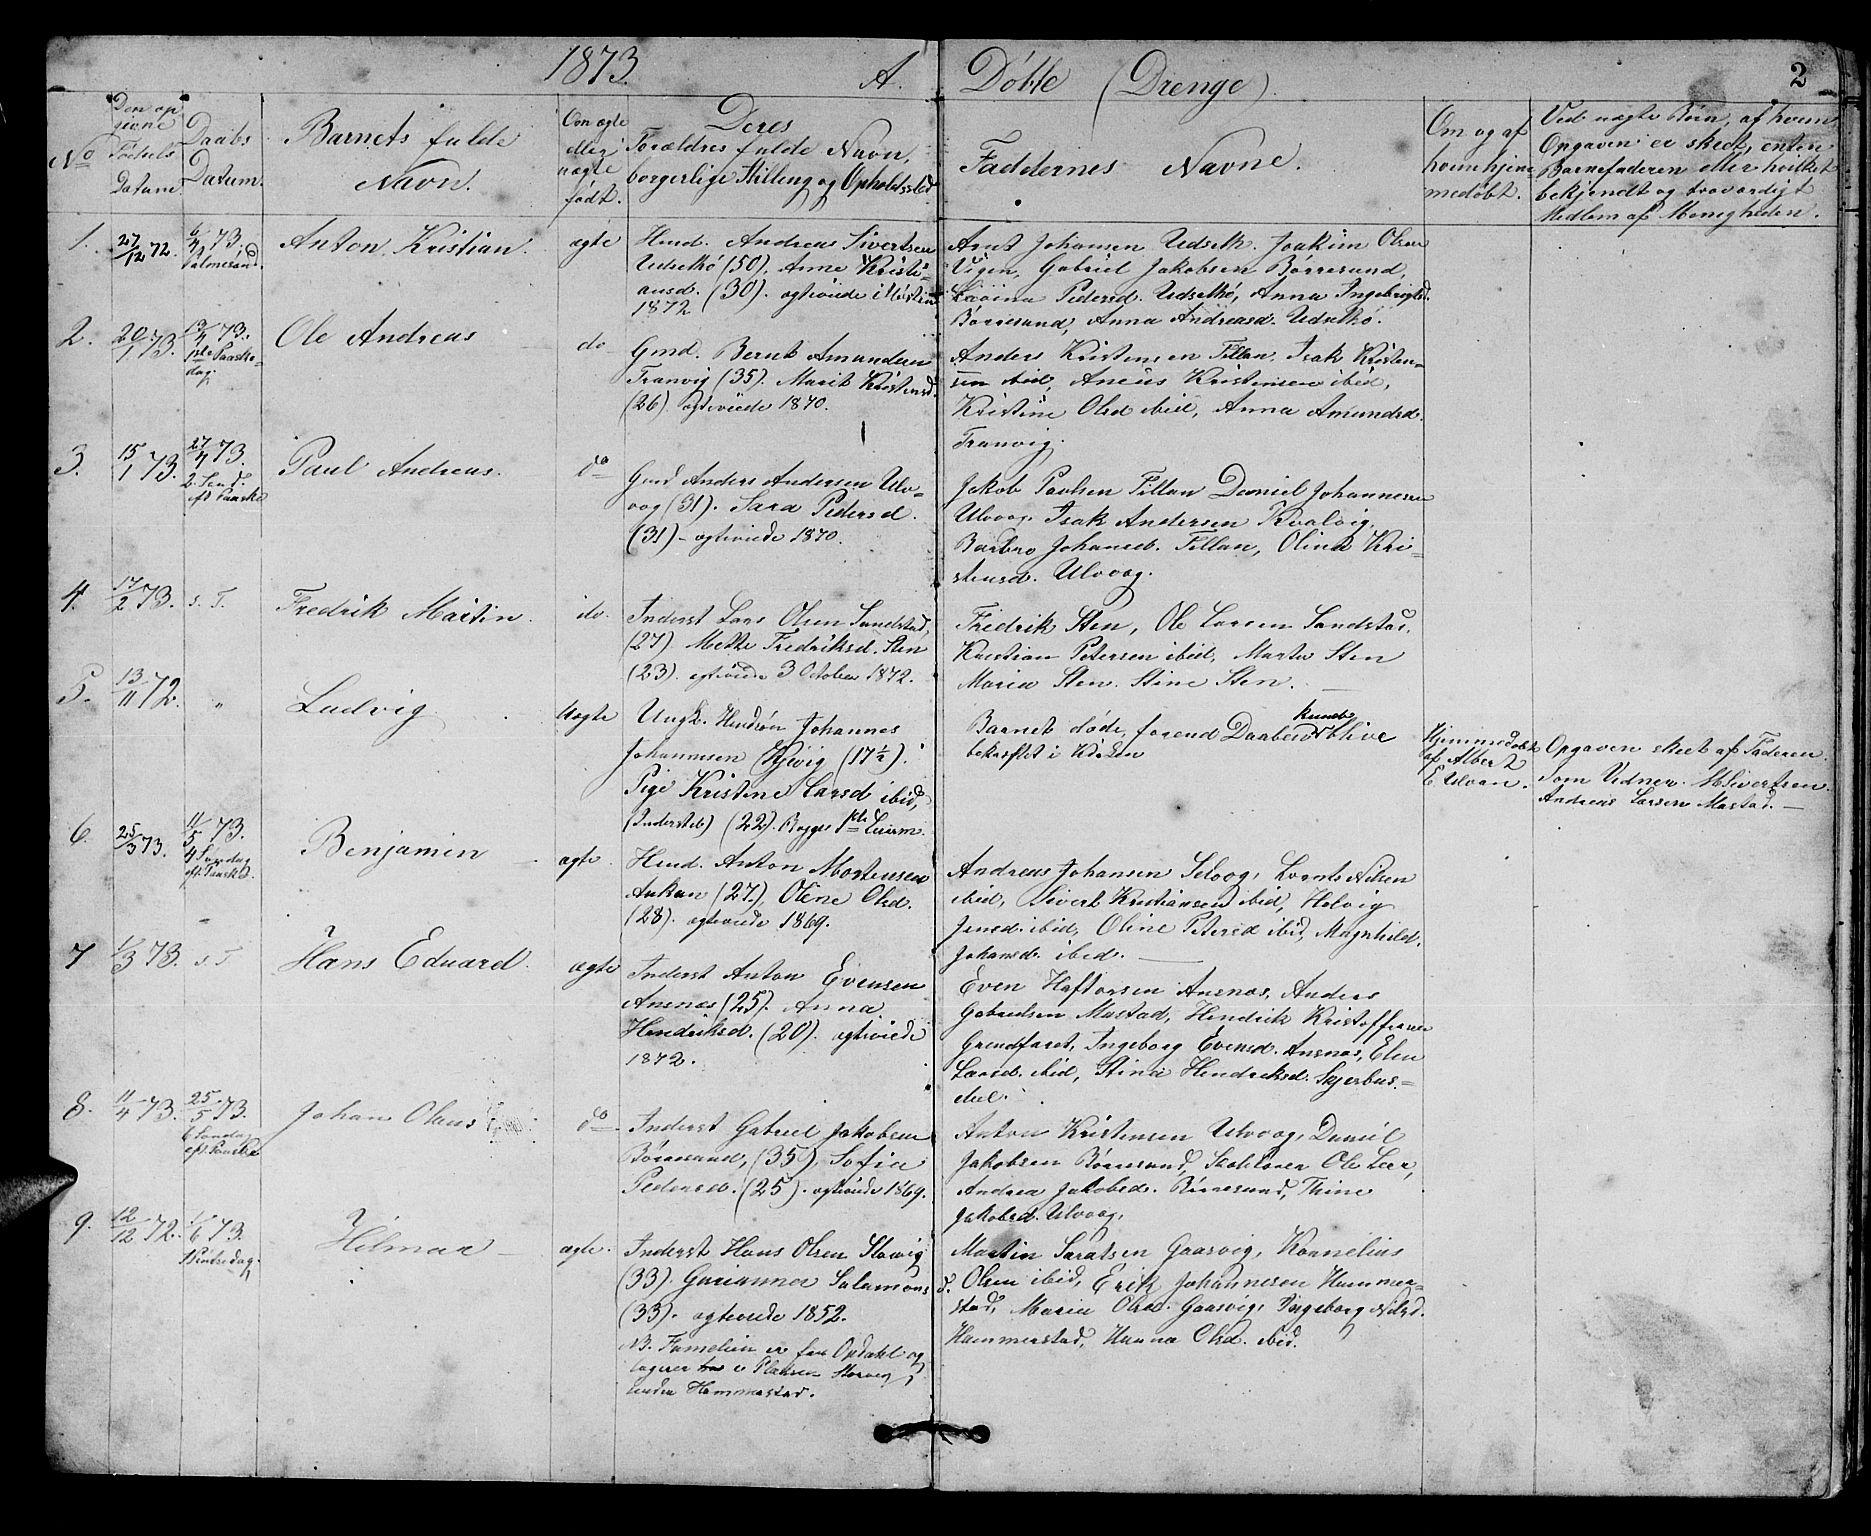 SAT, Ministerialprotokoller, klokkerbøker og fødselsregistre - Sør-Trøndelag, 637/L0561: Klokkerbok nr. 637C02, 1873-1882, s. 2